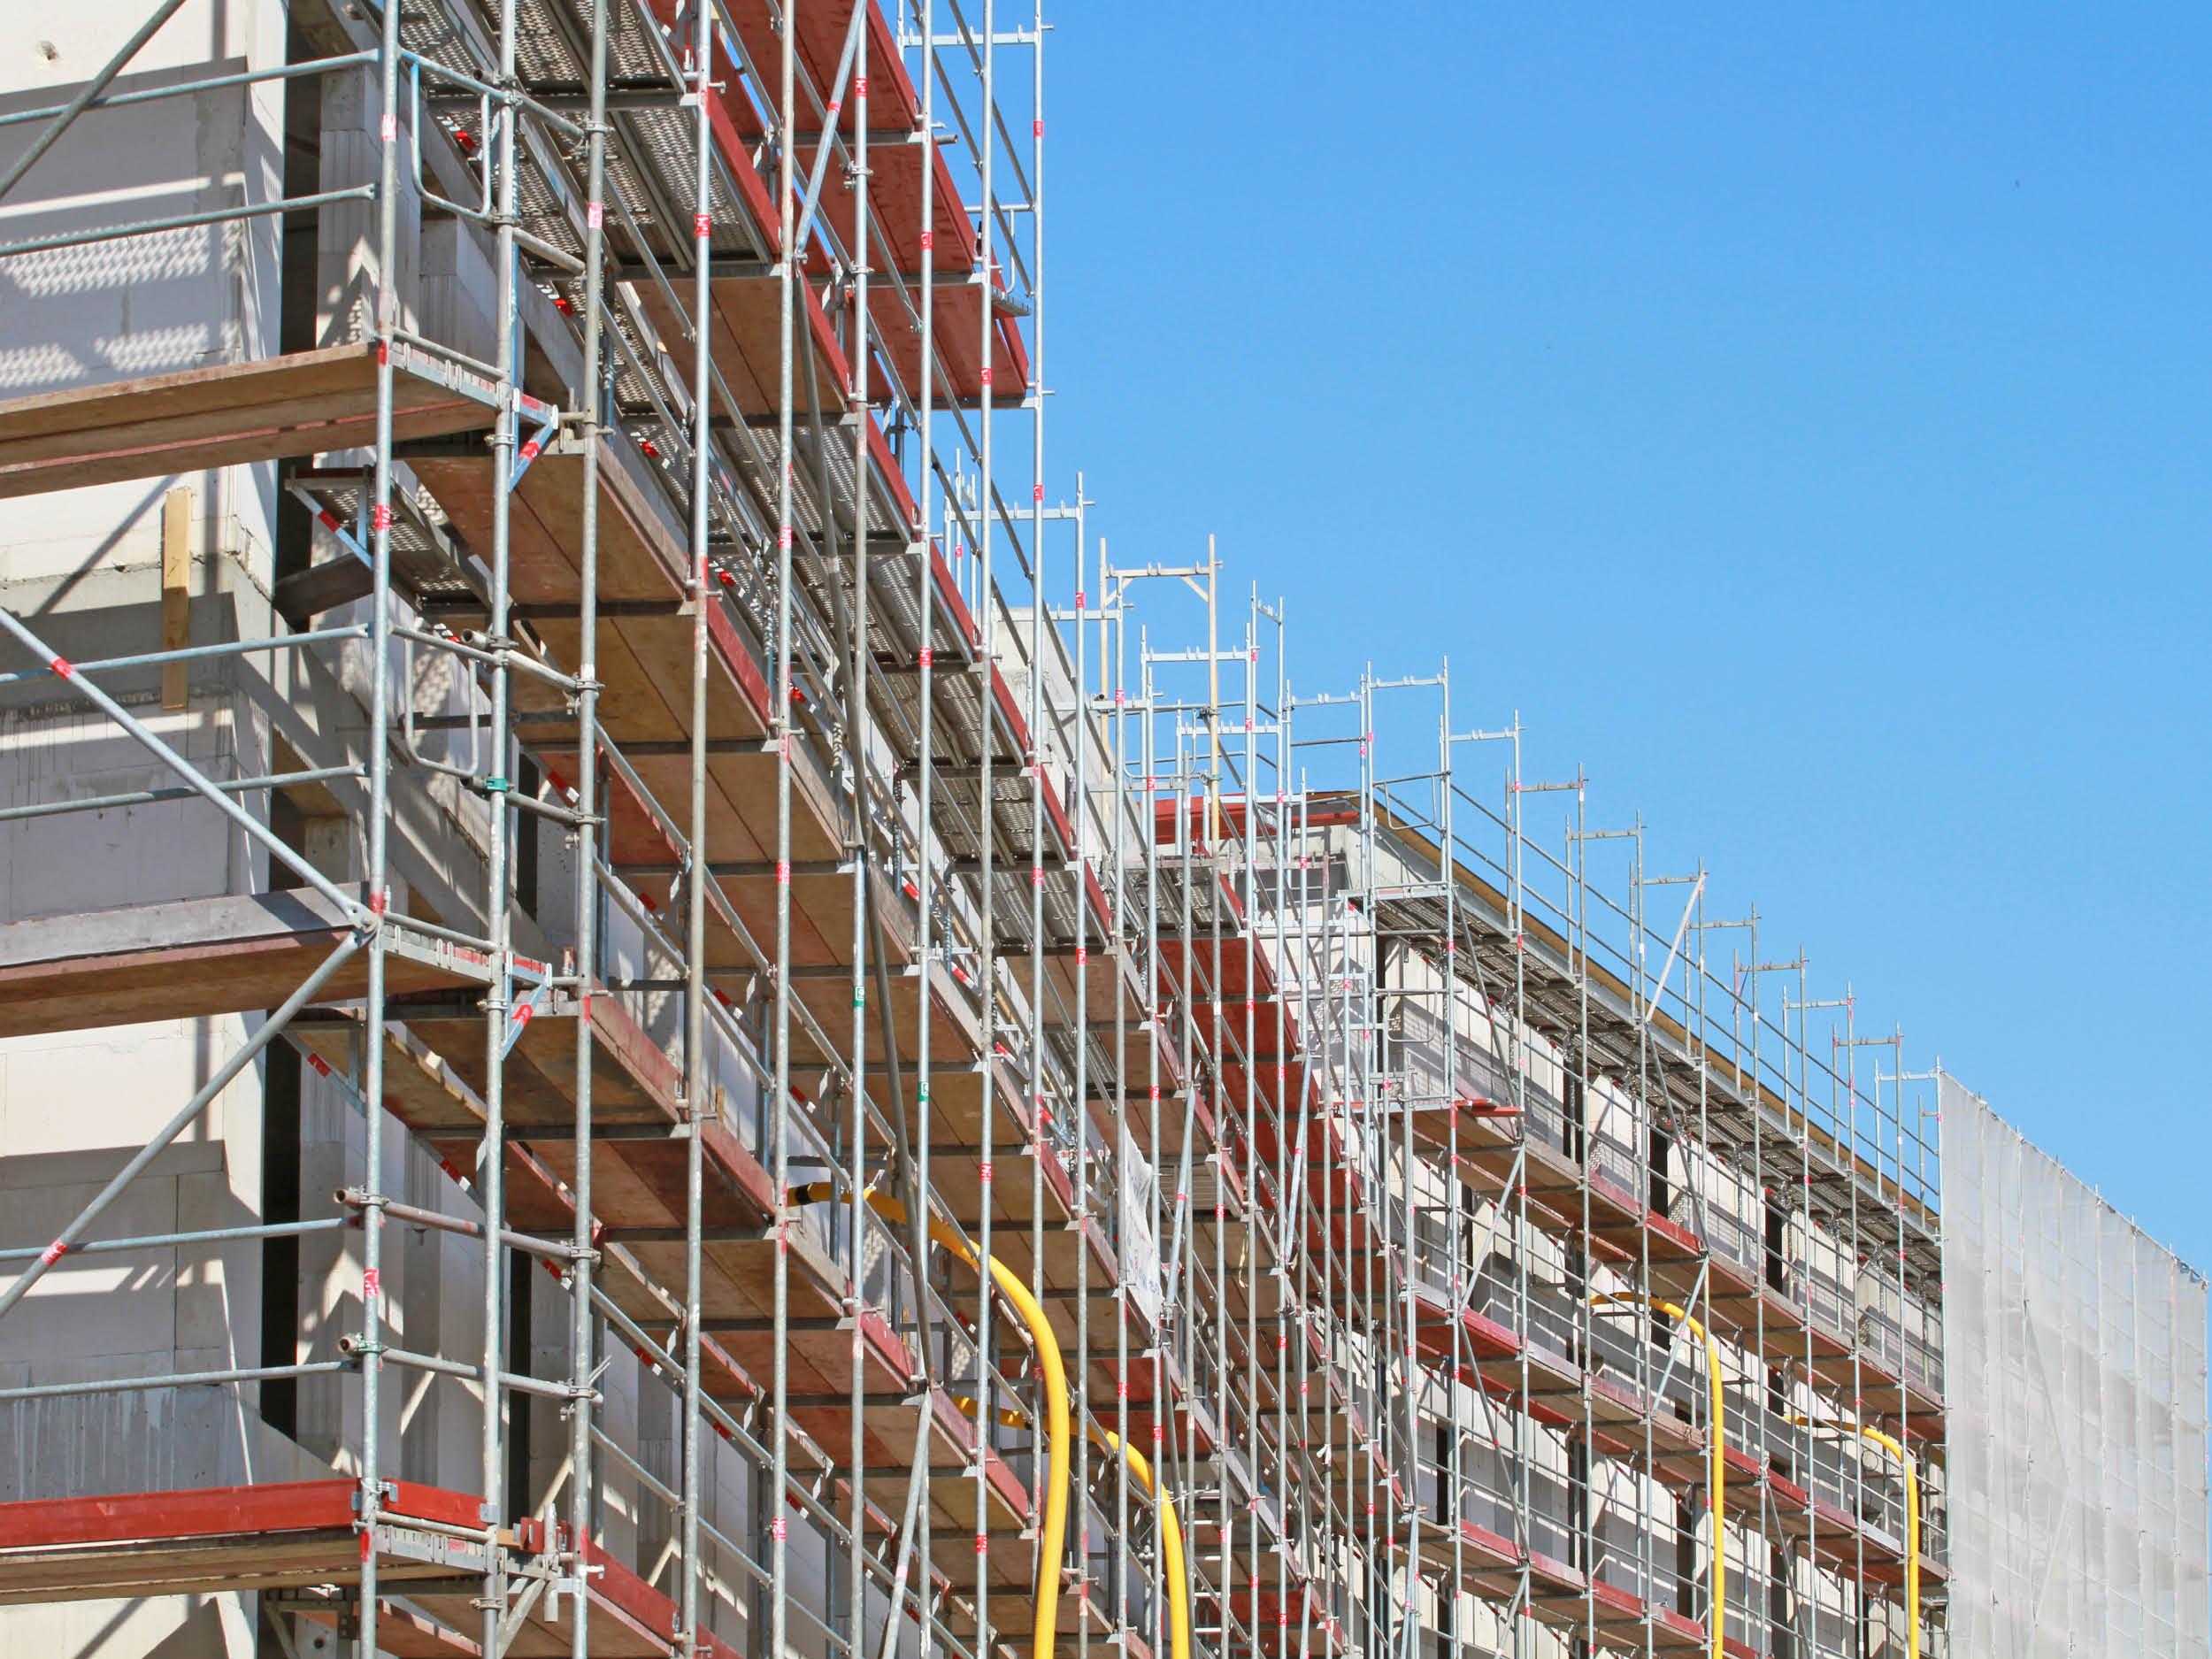 Pallas: Wohnen ist kein Luxus – sozialen Wohnungsbau in Sachsen langfristig fördern